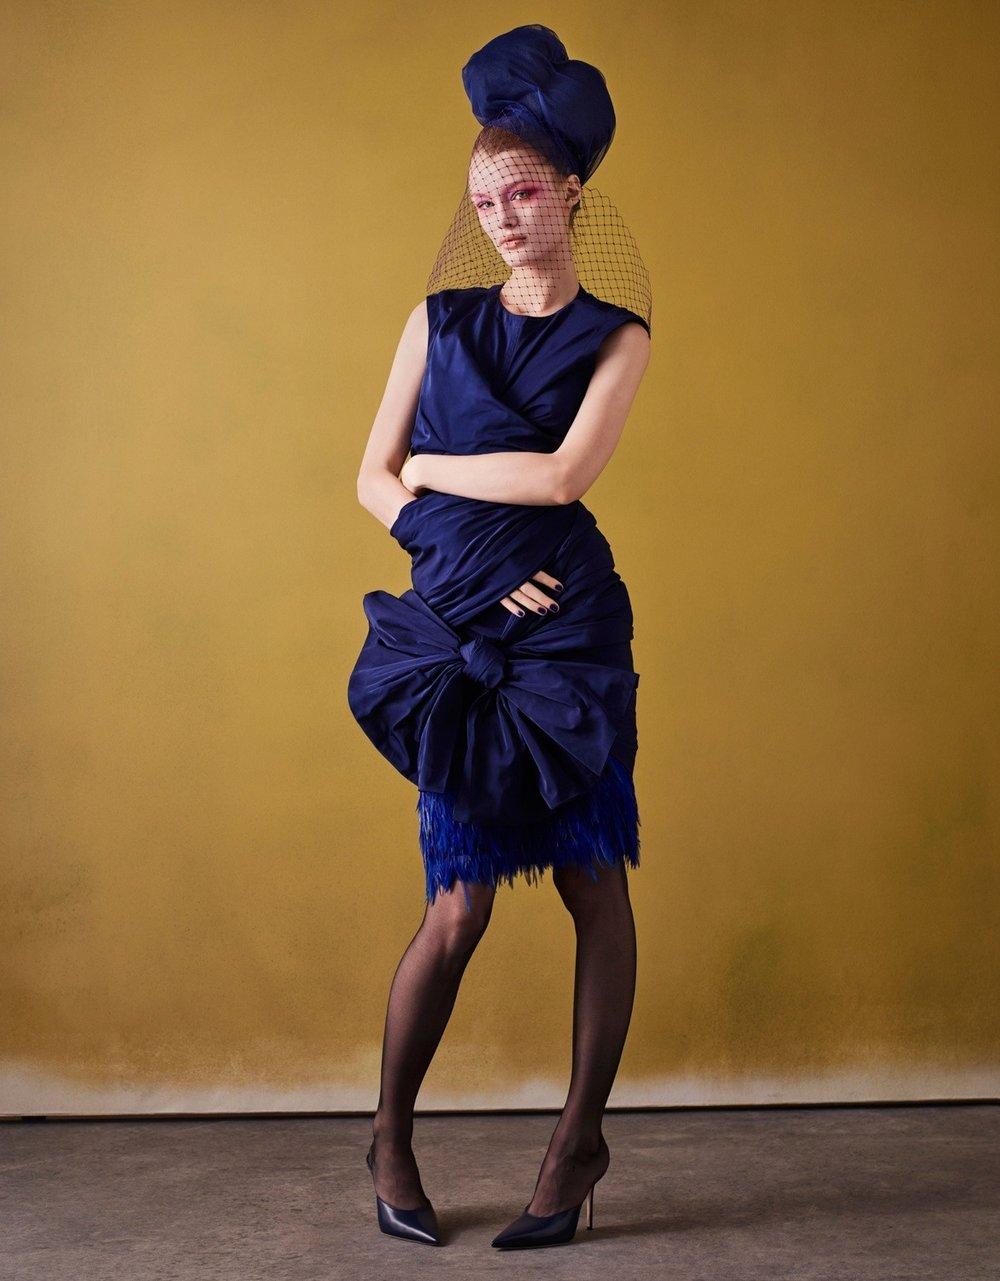 Kris Grikaite by Solve Sundsbo for Vogue China Jan 2019 (13).jpg